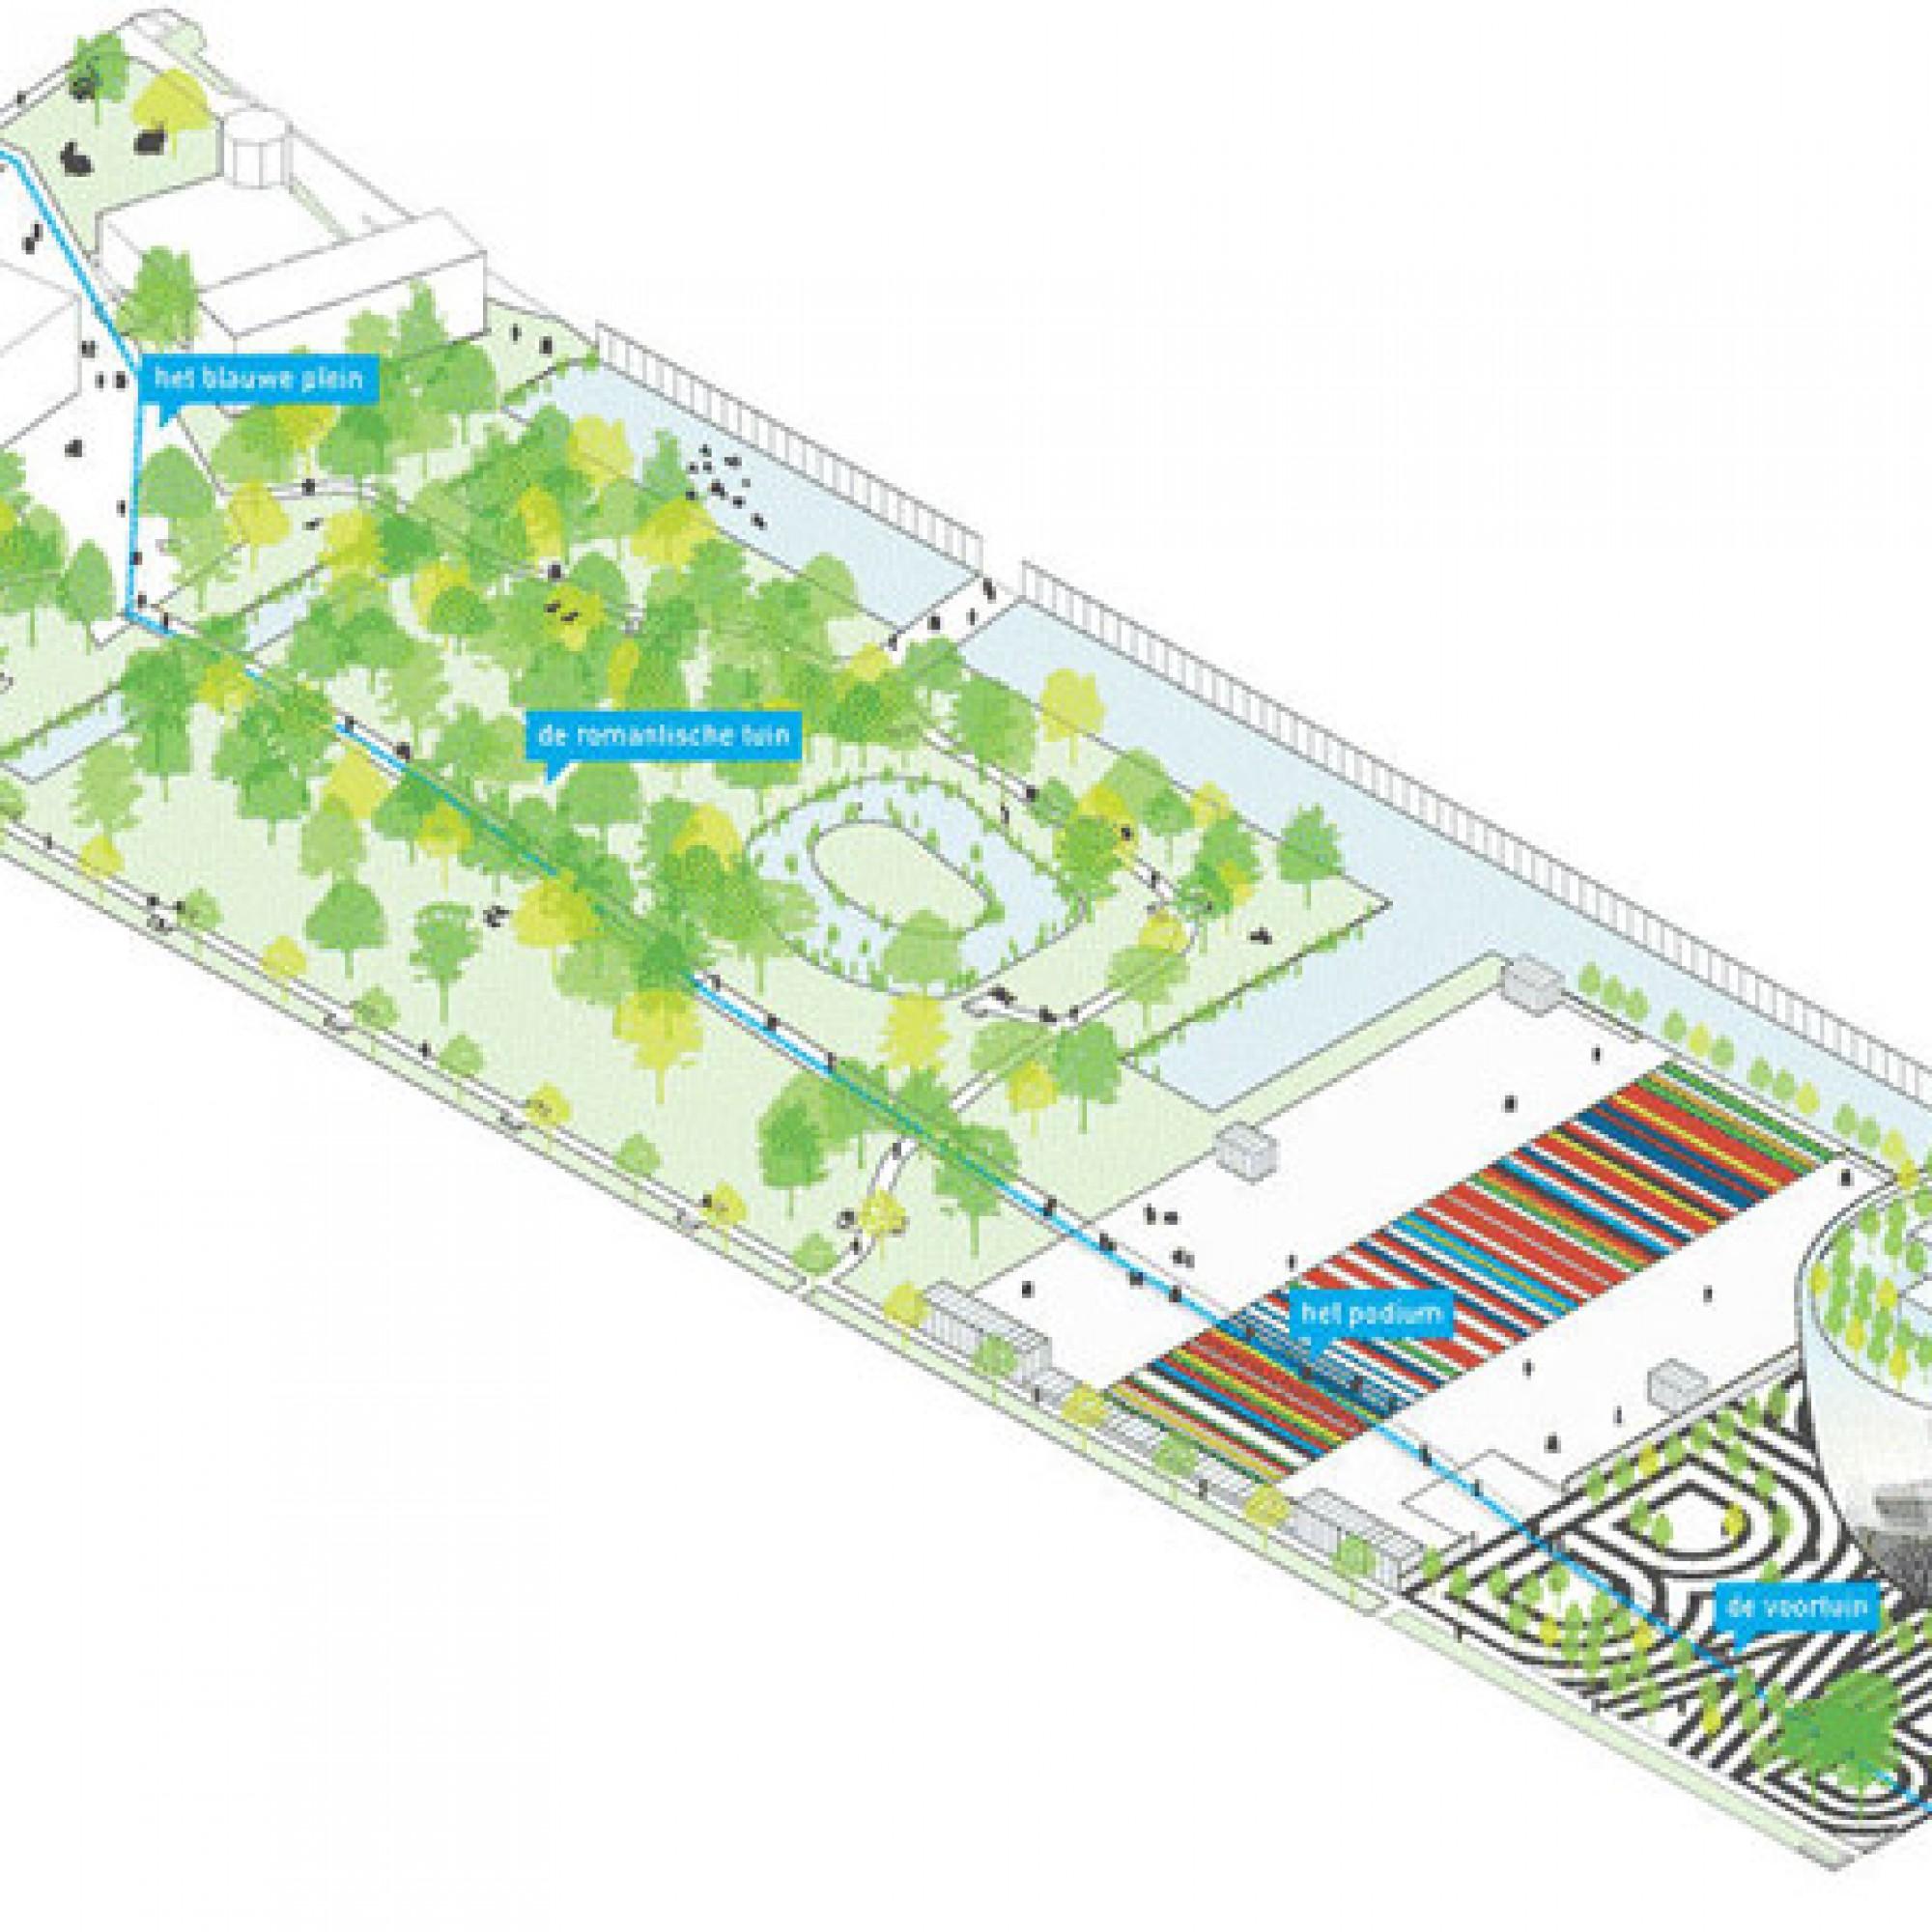 Das Depot wird in einen Park eingebettet. (zvg)